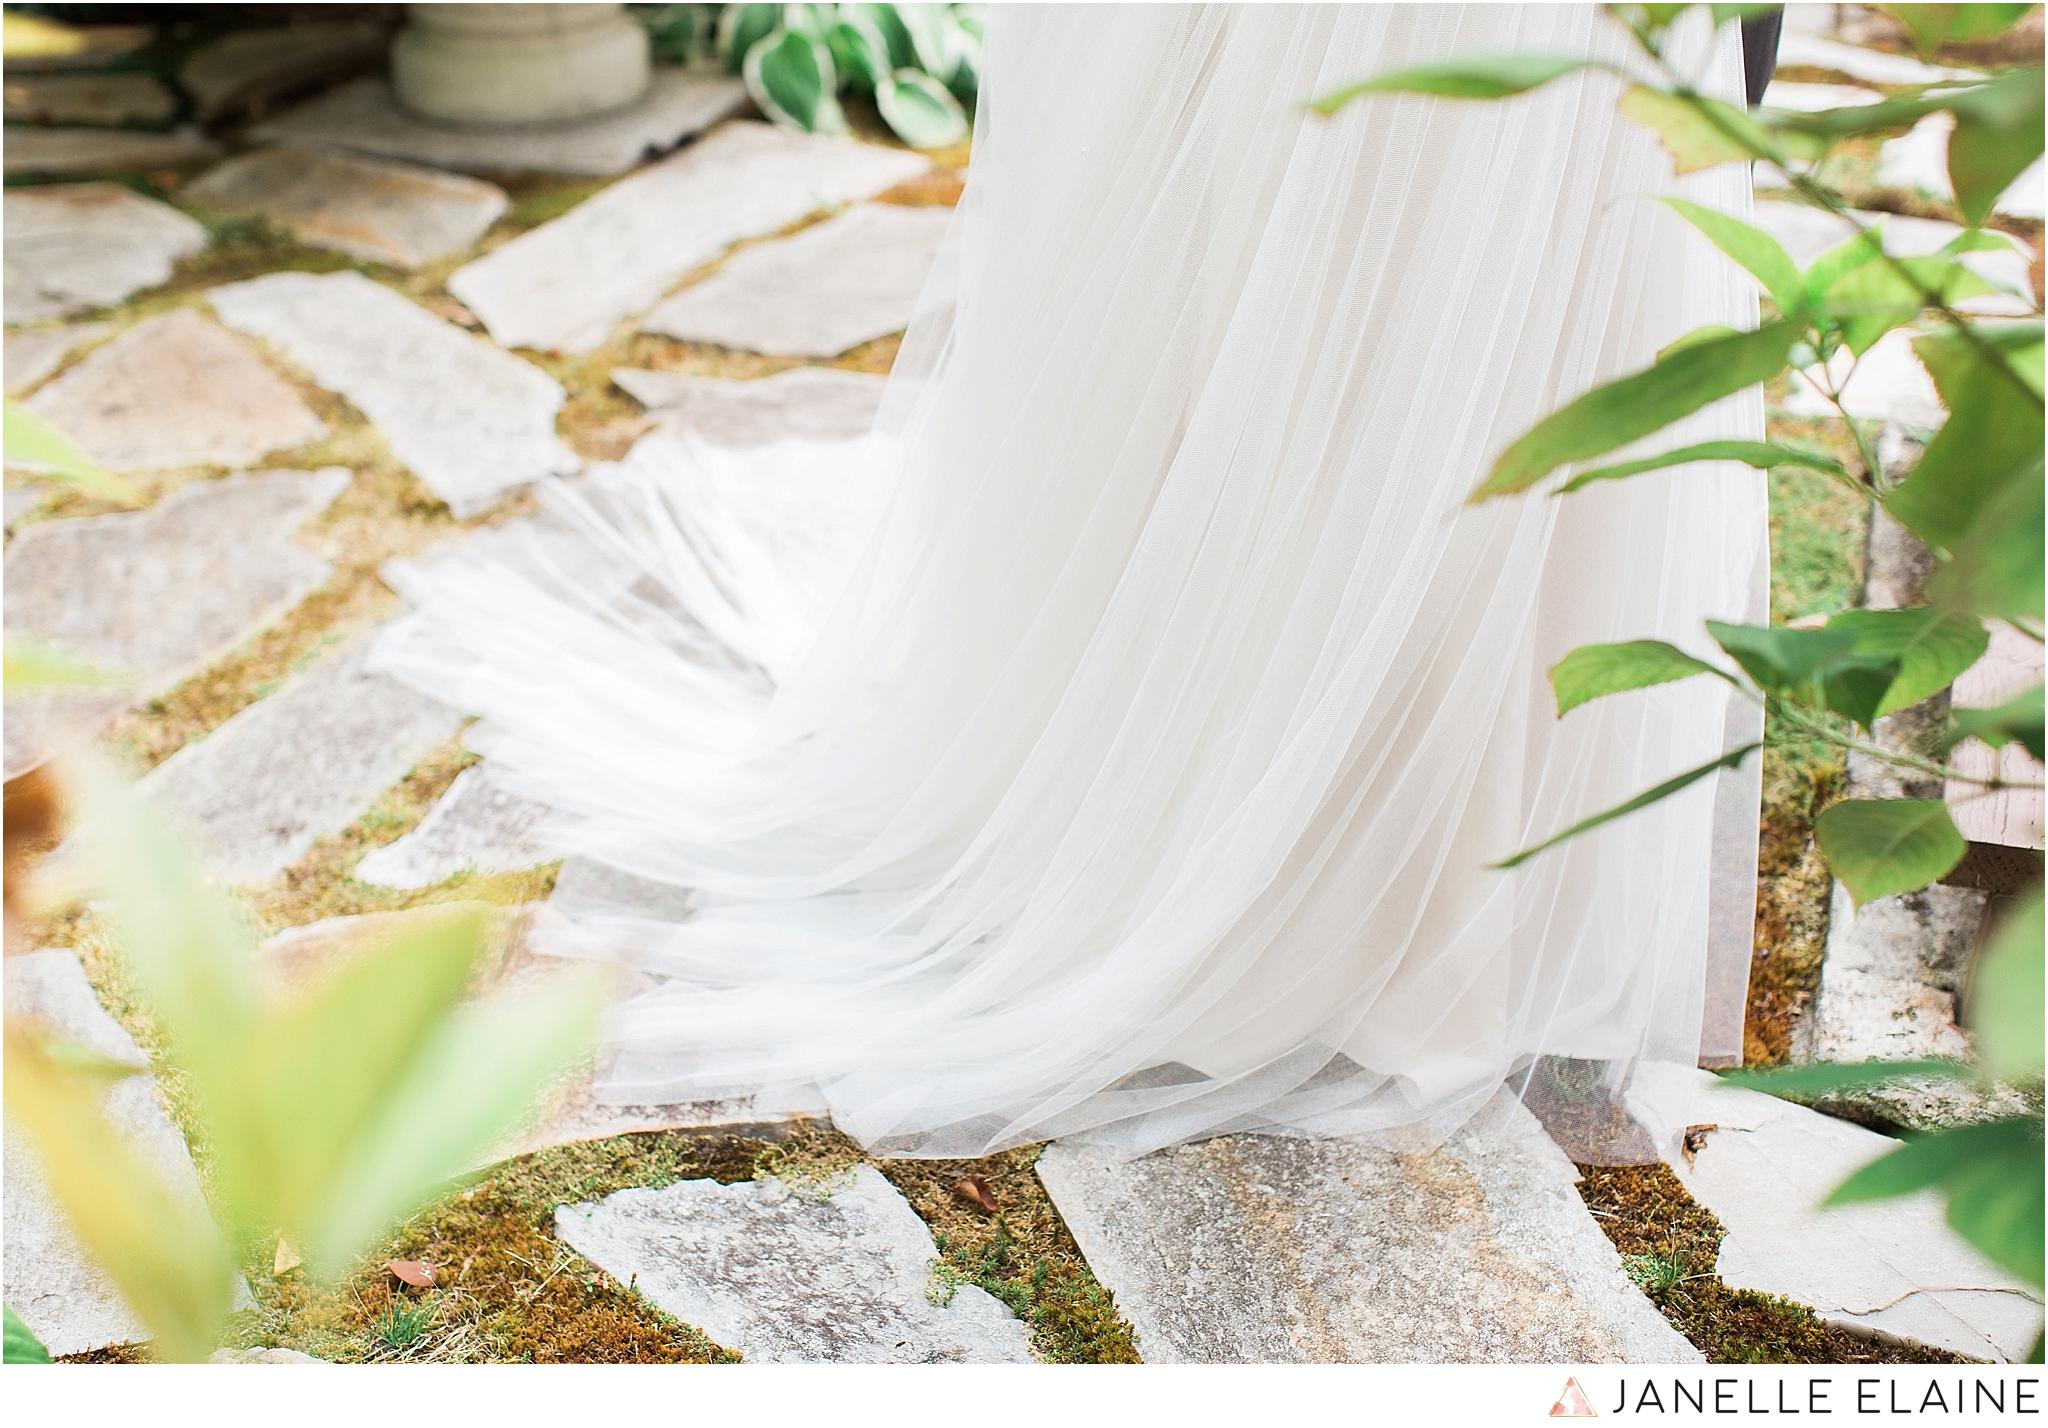 seattle-portrait-engagement-wedding-photographer-janelle-elaine-photography-17.jpg